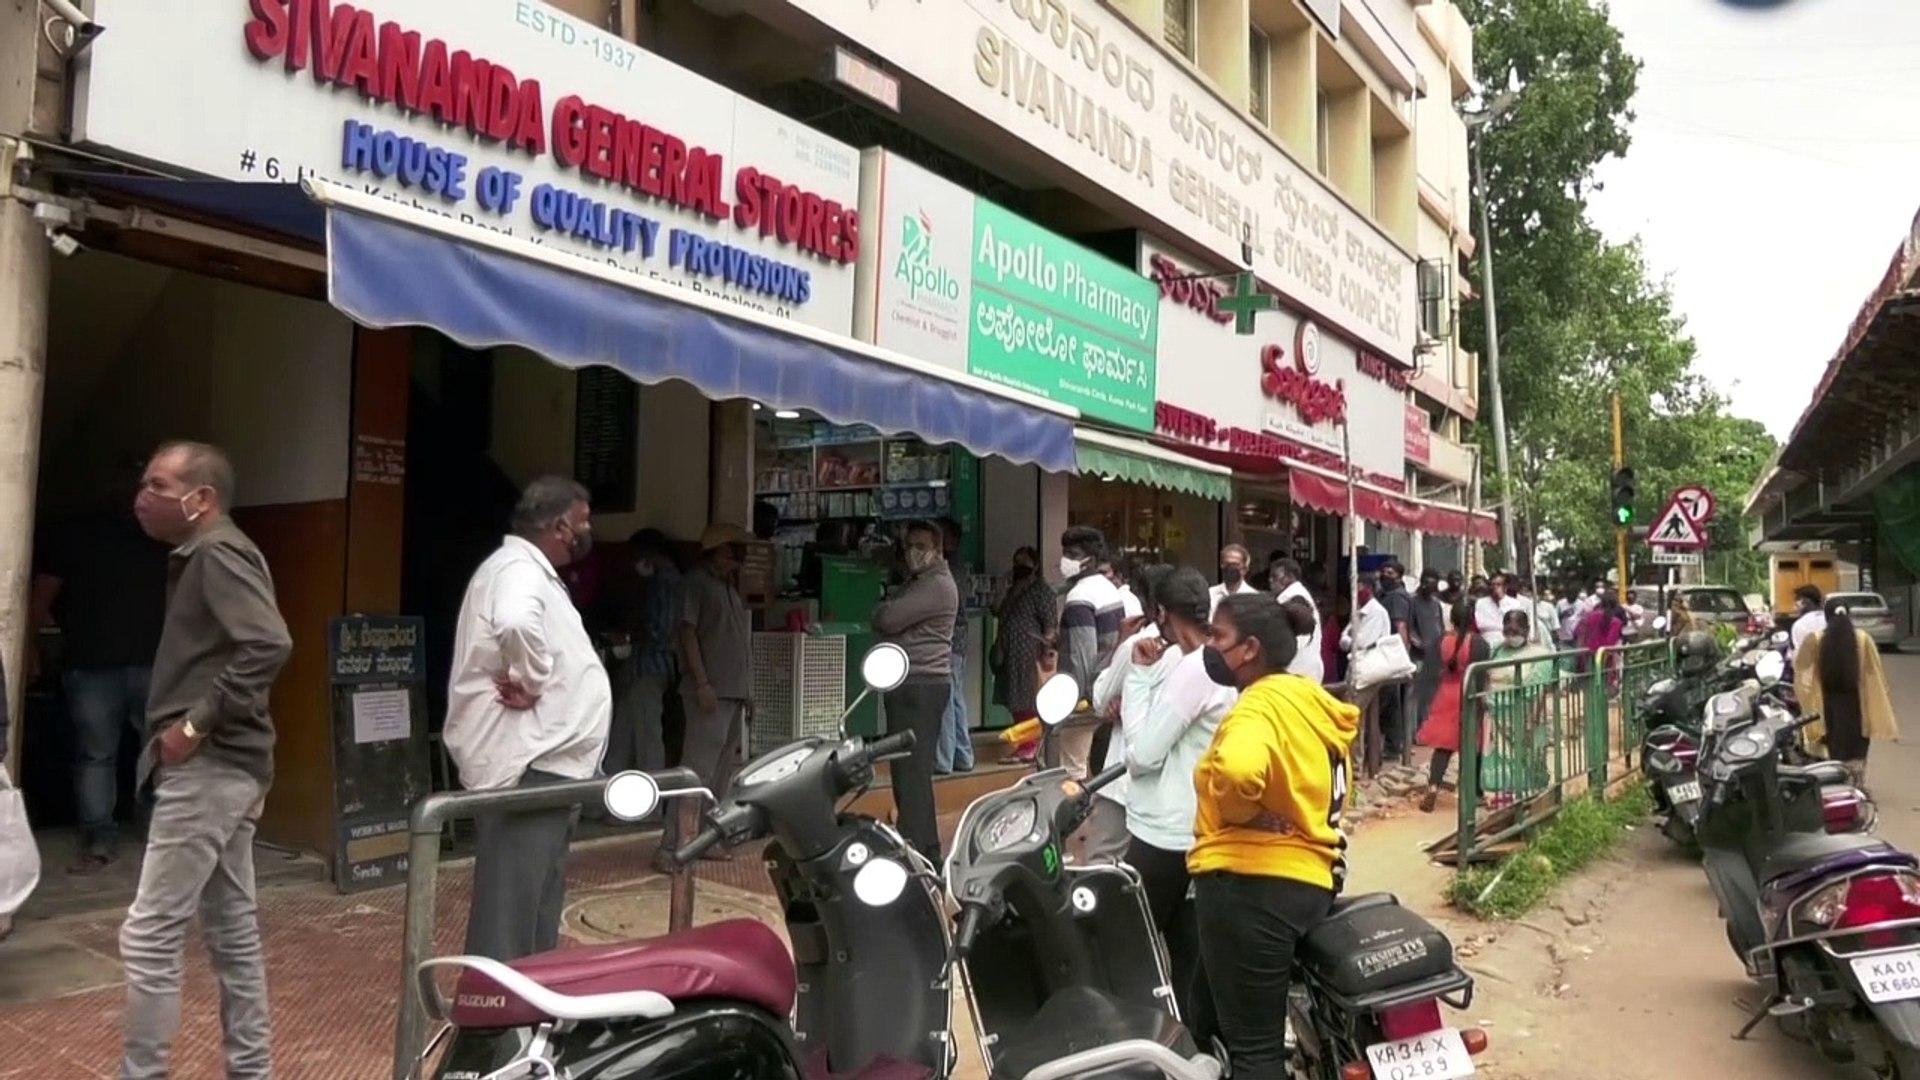 سكان بنغالور الهندية يستعدون لإغلاق جديد